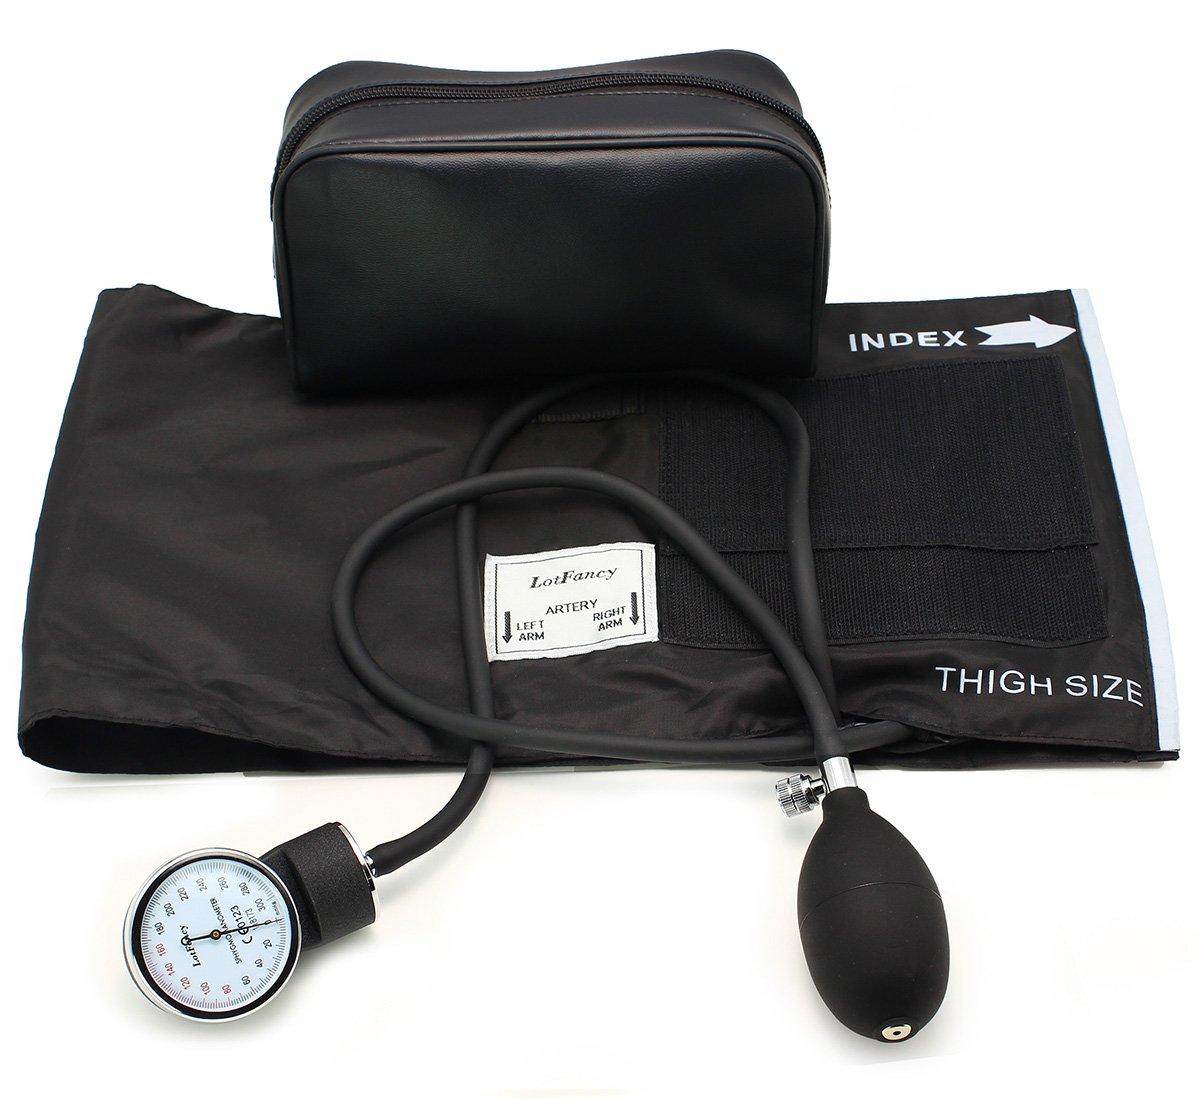 best manual blood pressure cuff brand